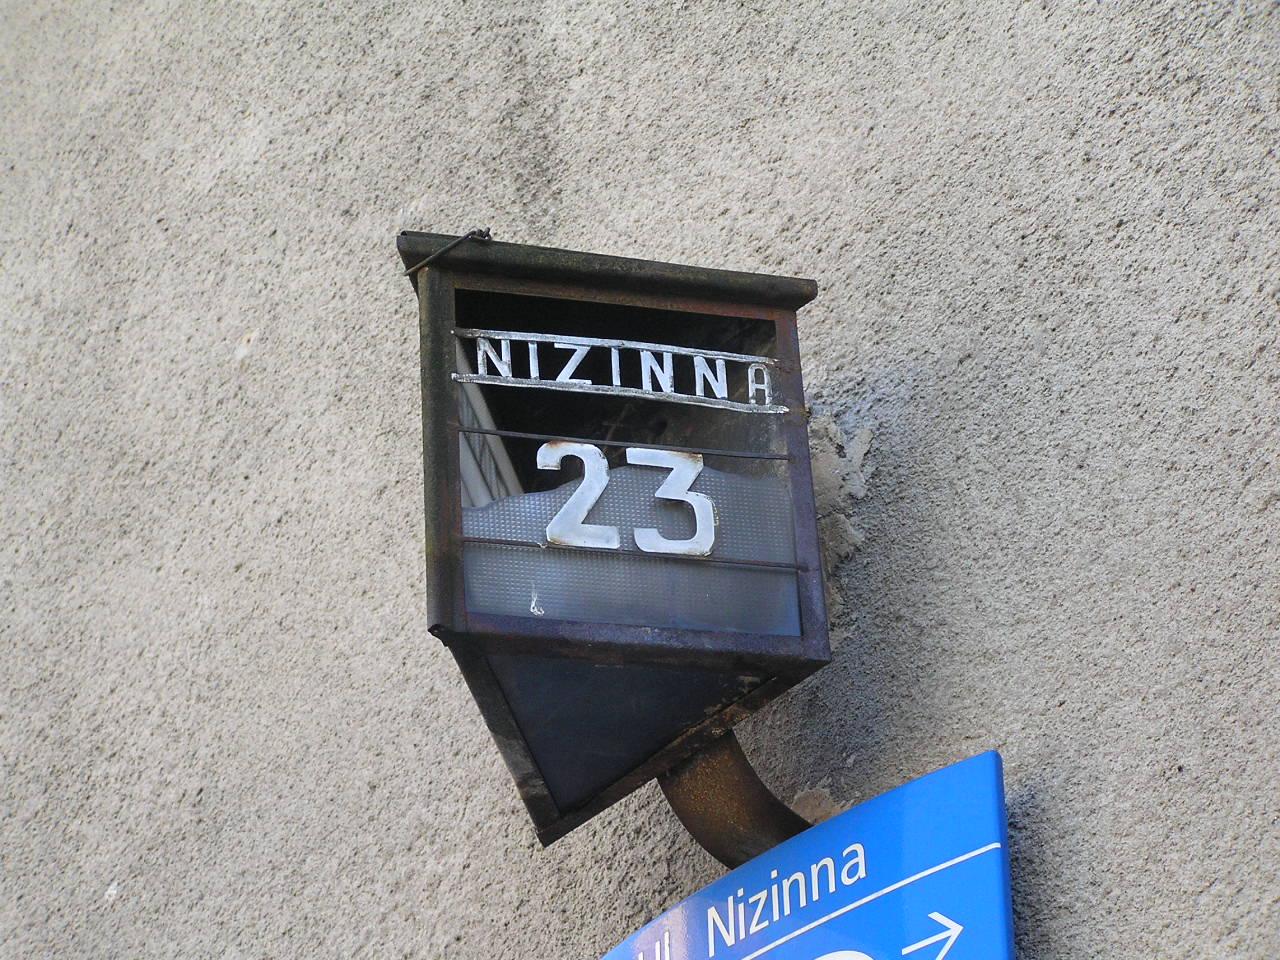 Latarenka adresowa przy ulicy Nizinnej 23 na Grochowie